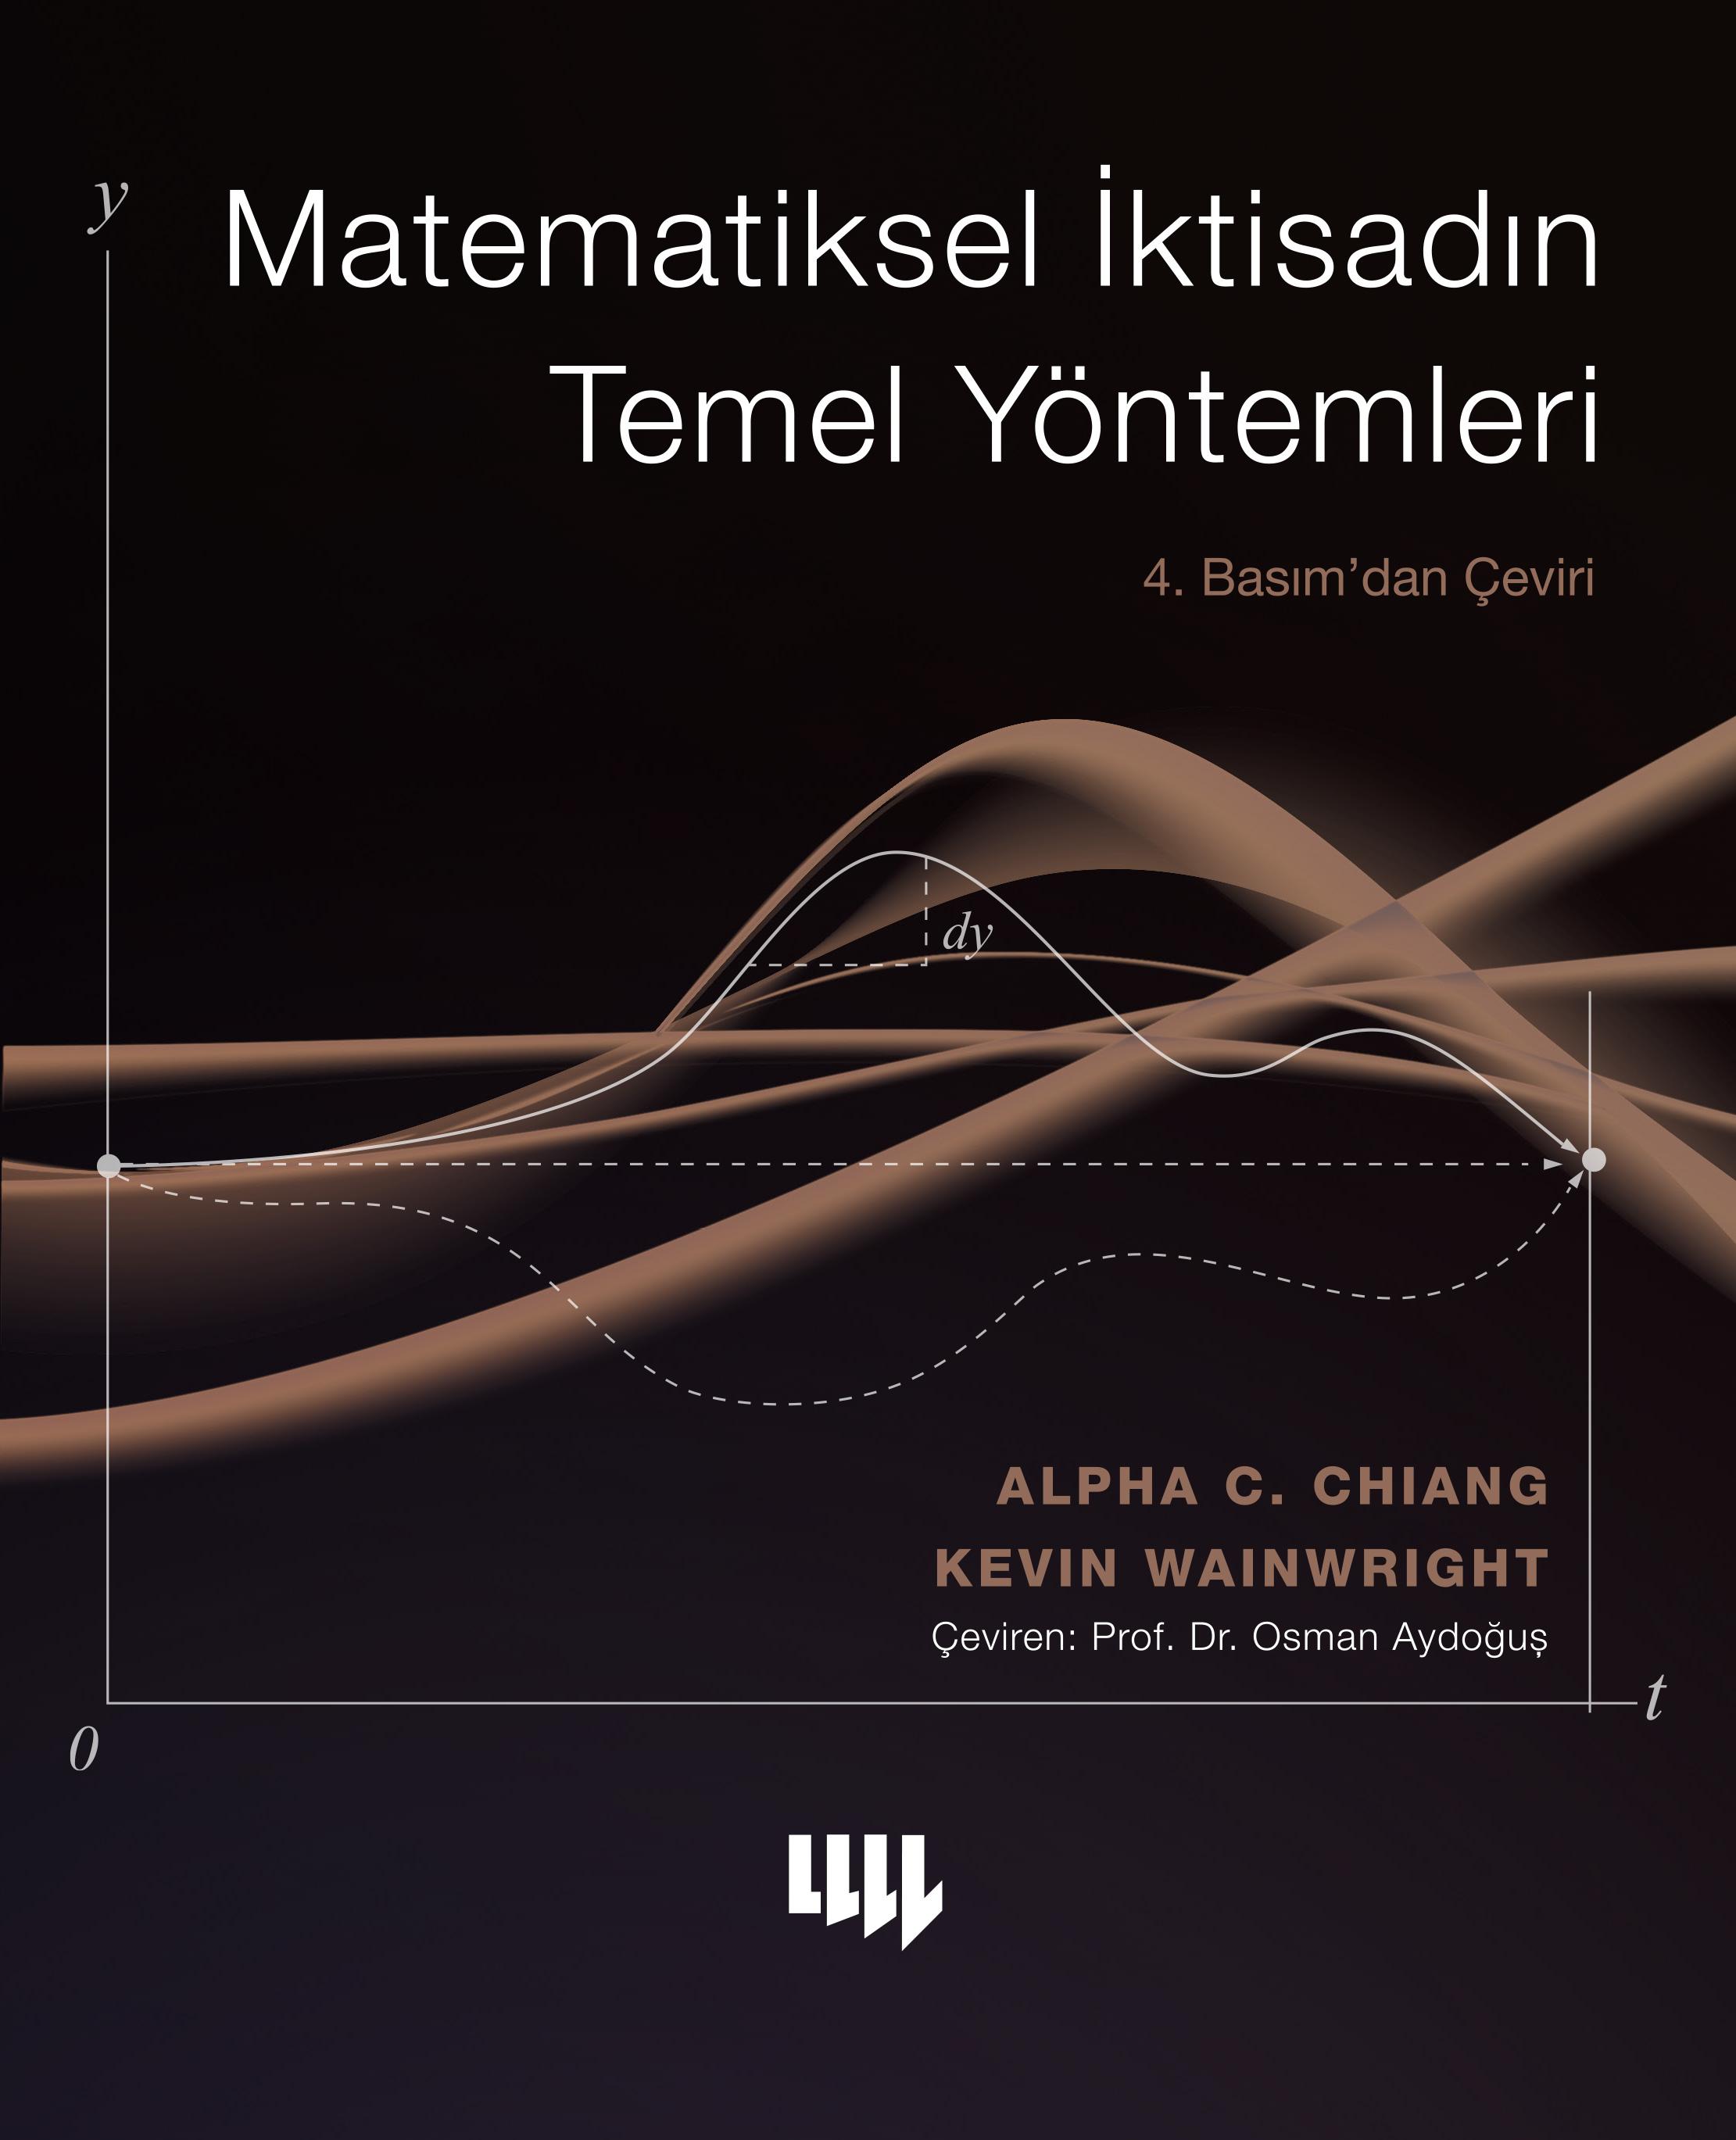 Ekonomik matematiksel yöntemler ve modeller